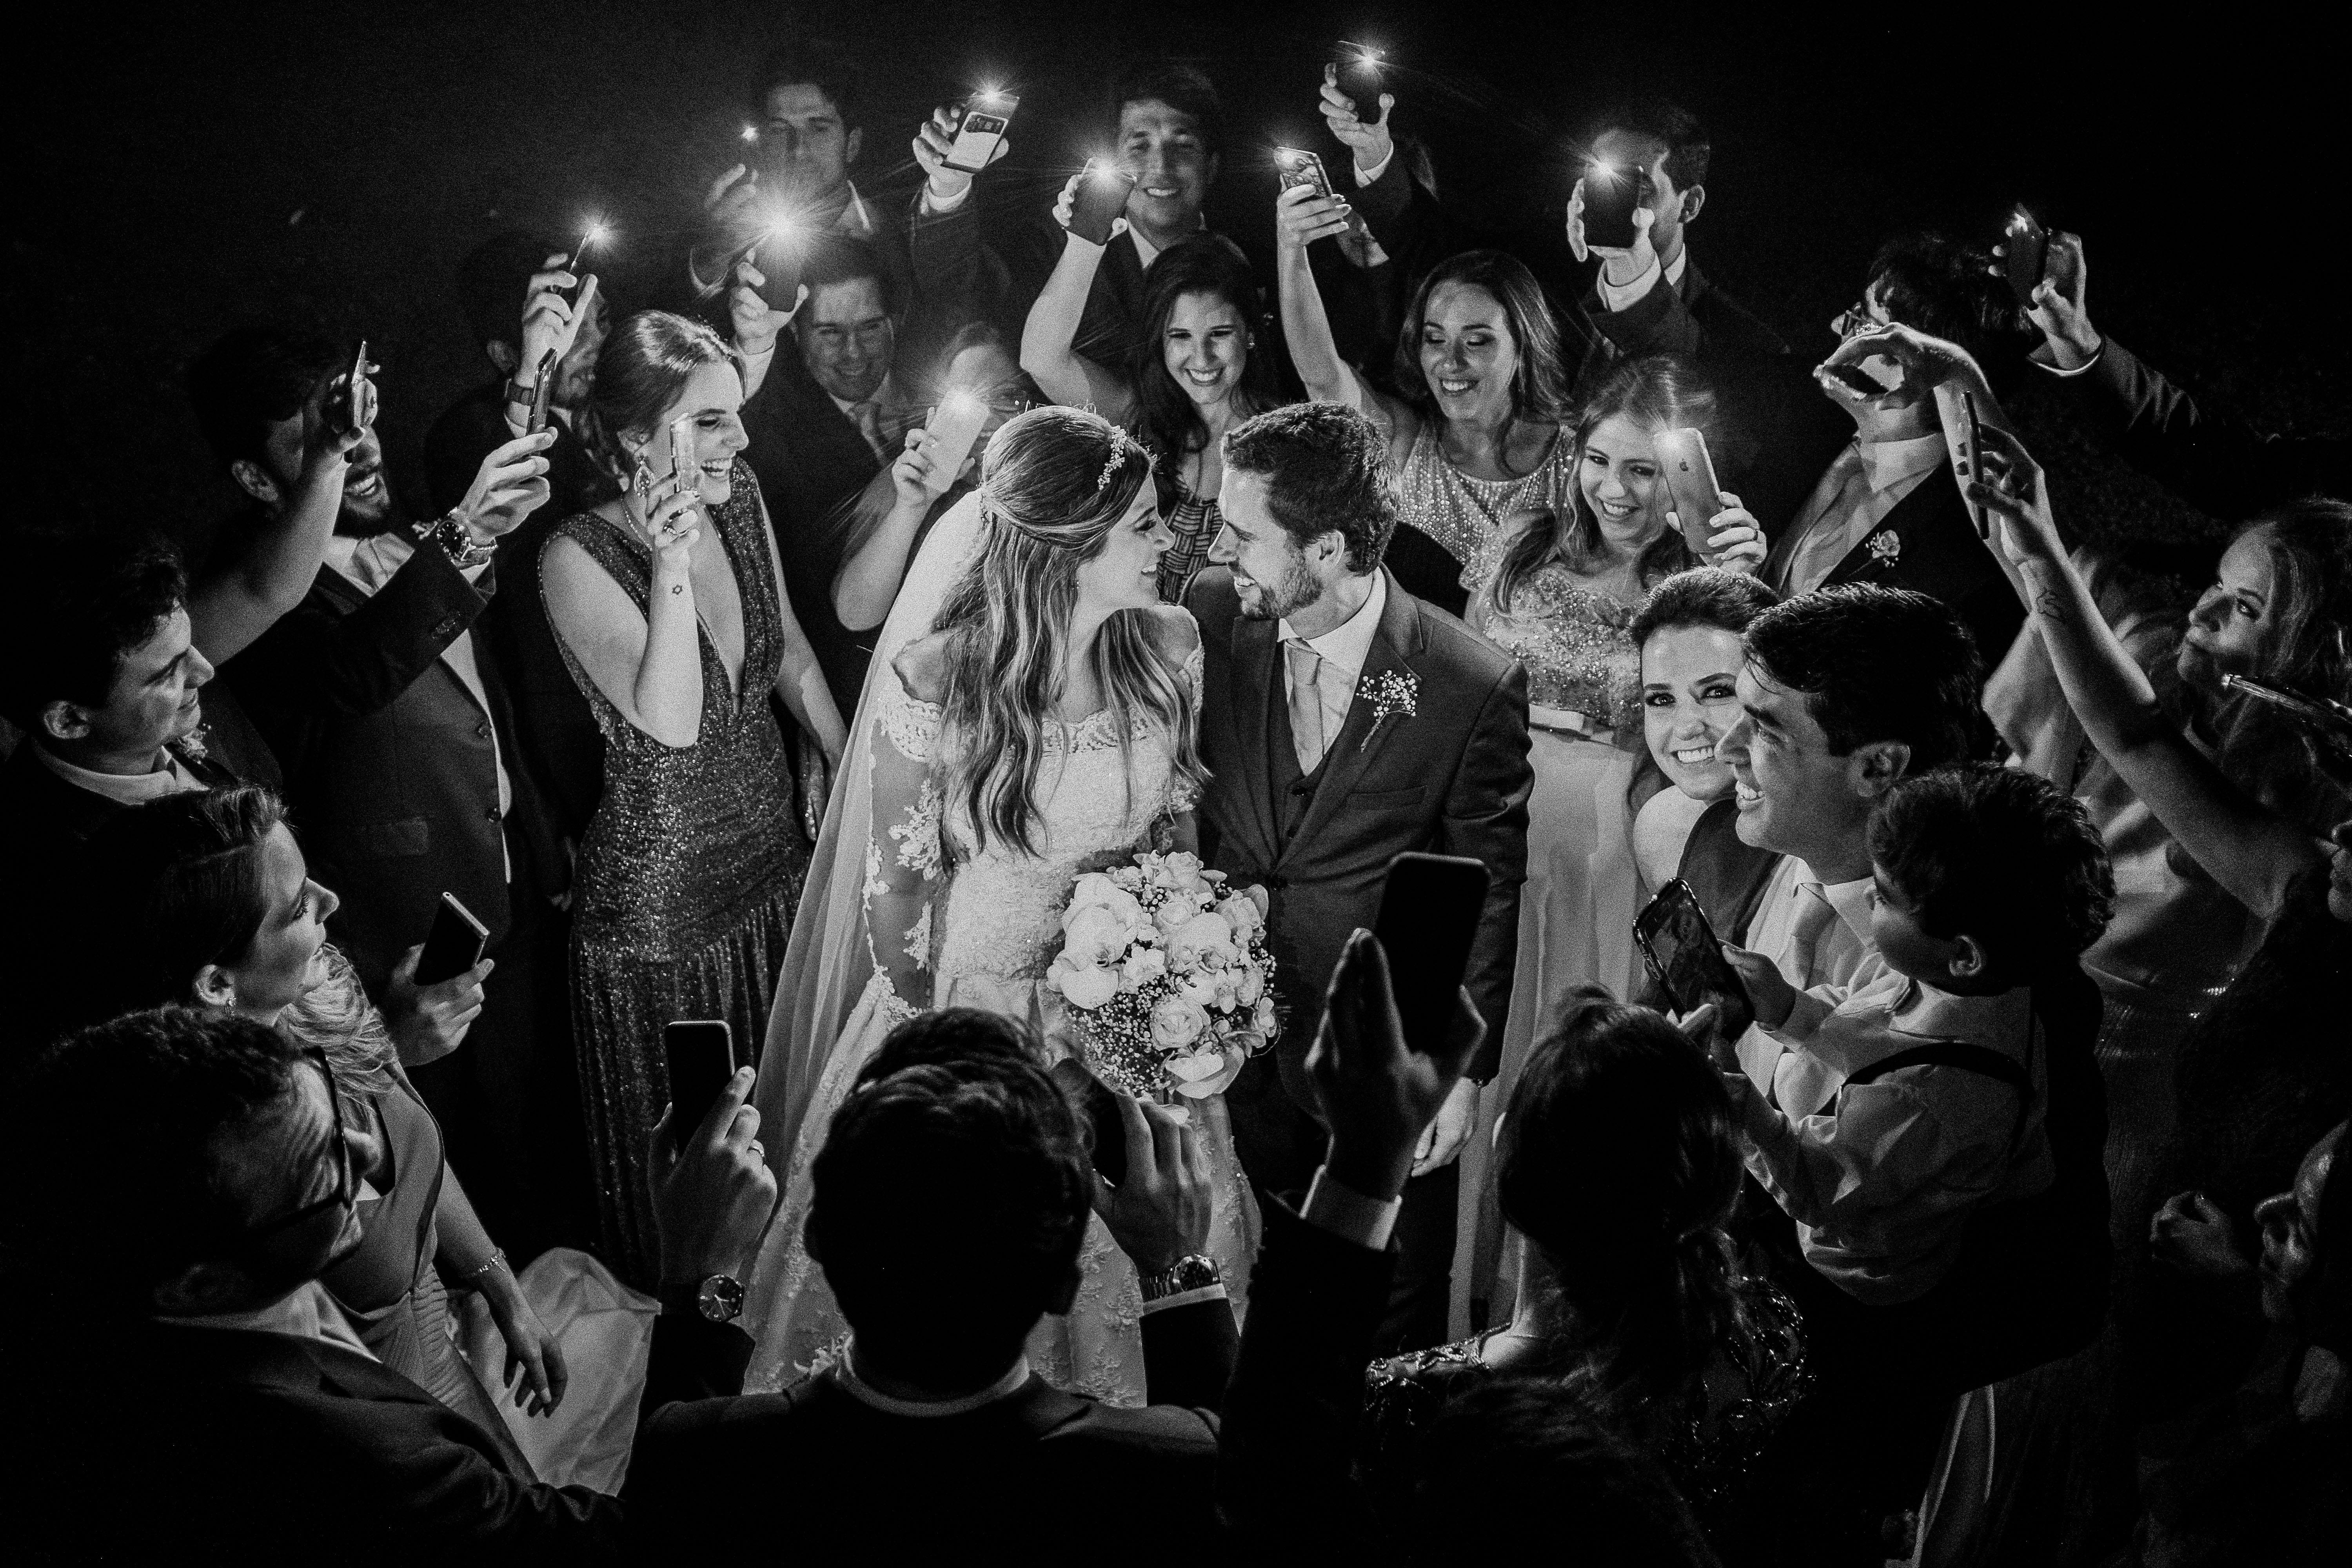 Contate Fotografia de Casamento, Retratos, Ensaios de Família, Gestante, Editoriais, Moda, Fotojornalismo, Lifestyle { Fotógrafo de Casamento, Fotógrafa de Casamento, fotógrafo casamento, fotógrafa casamento Rio de Janeiro, Niterói, RJ, Brasil, Brazil }